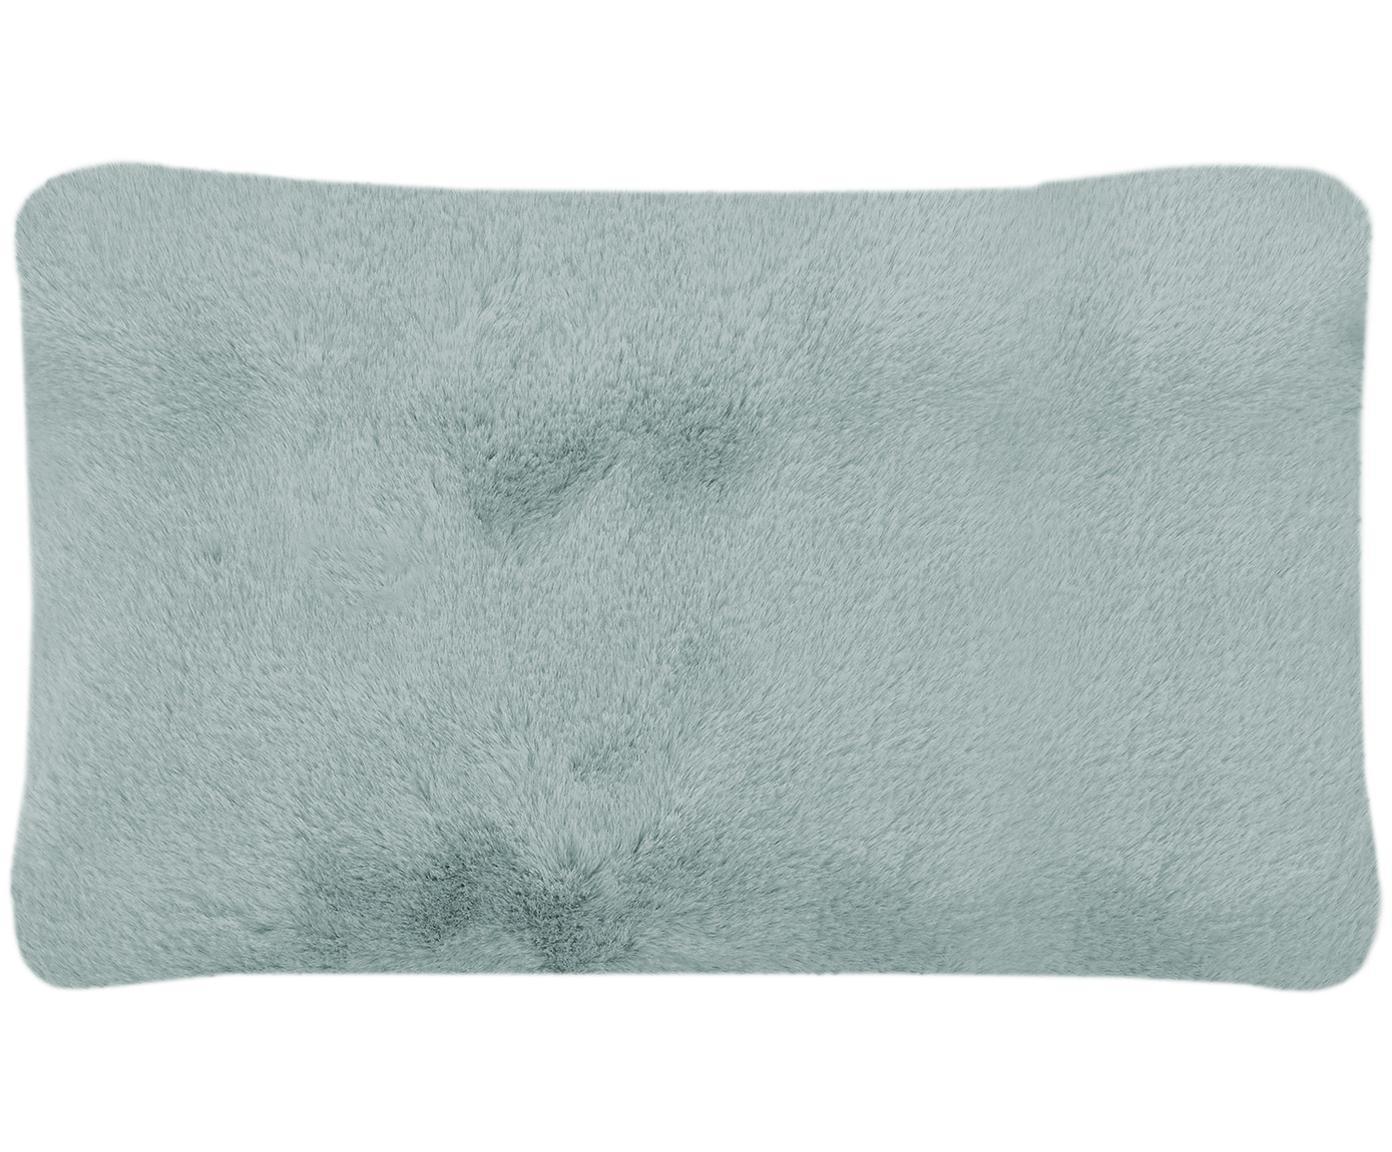 Sehr flauschige Kunstfell-Kissenhülle Mette, glatt, Vorderseite: 100% Polyester, Rückseite: 100% Polyester, Grün, 30 x 50 cm